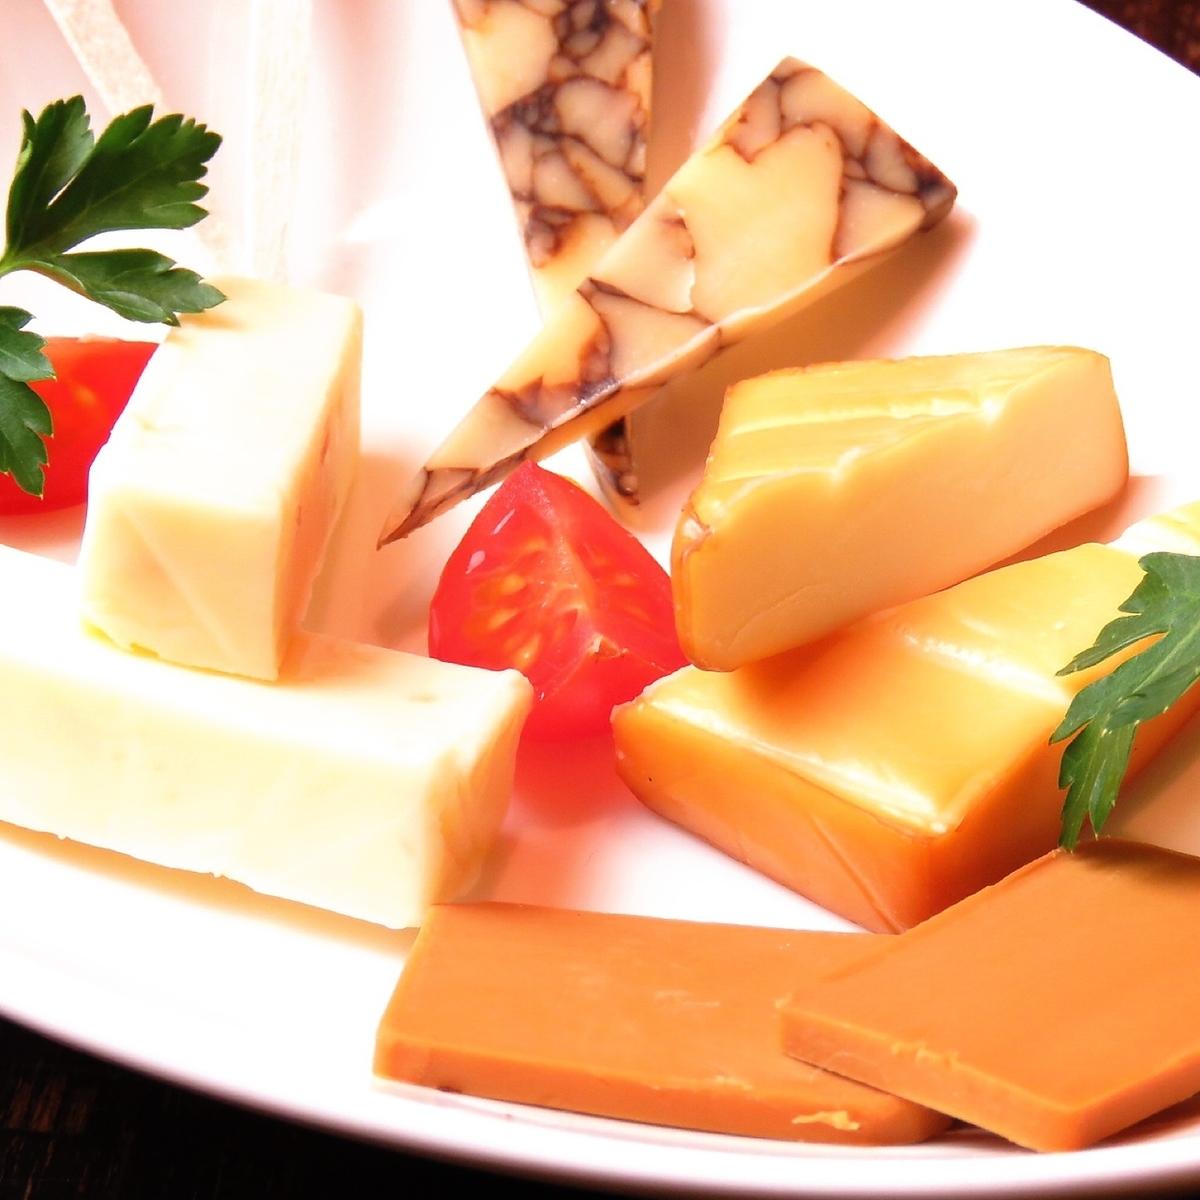 チーズの資格をもったスタッフが厳選♪チーズ盛合せ